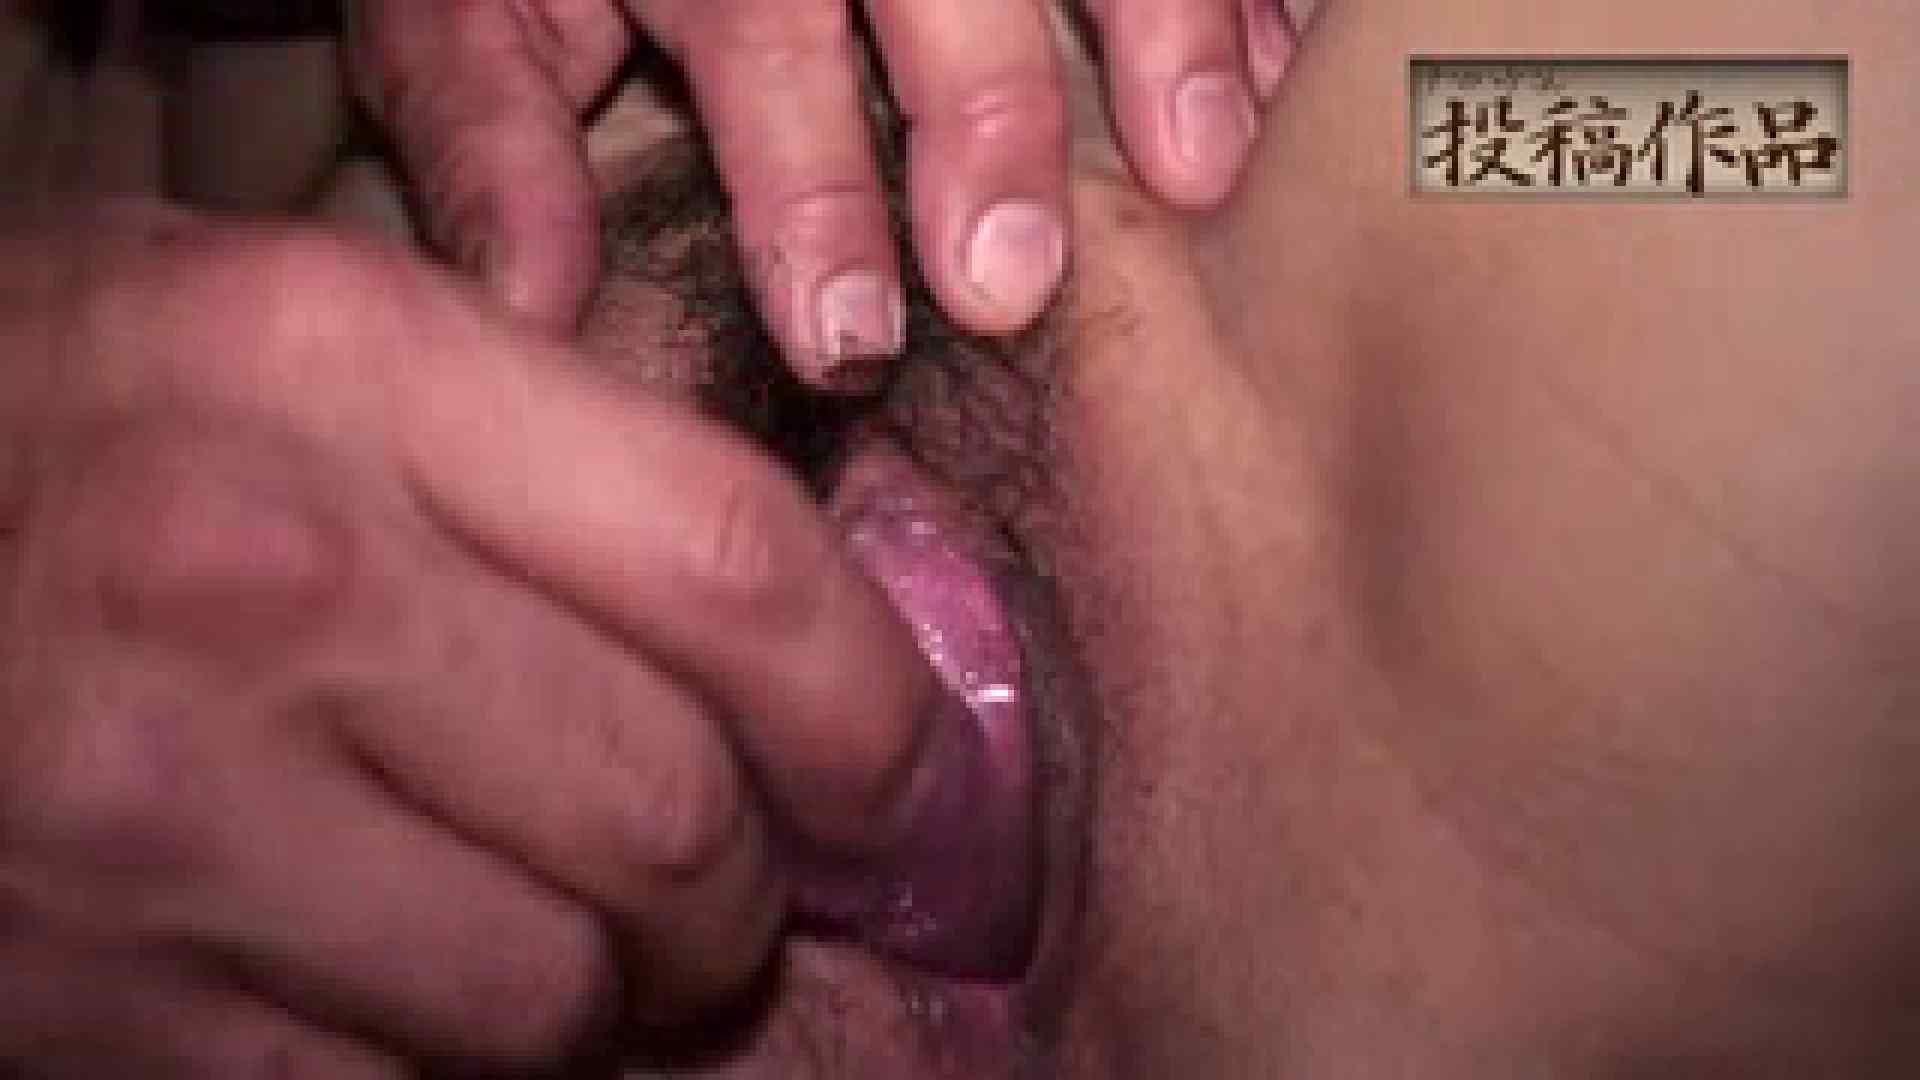 ナマハゲさんのまんこコレクション kana 人妻丸裸  81pic 80